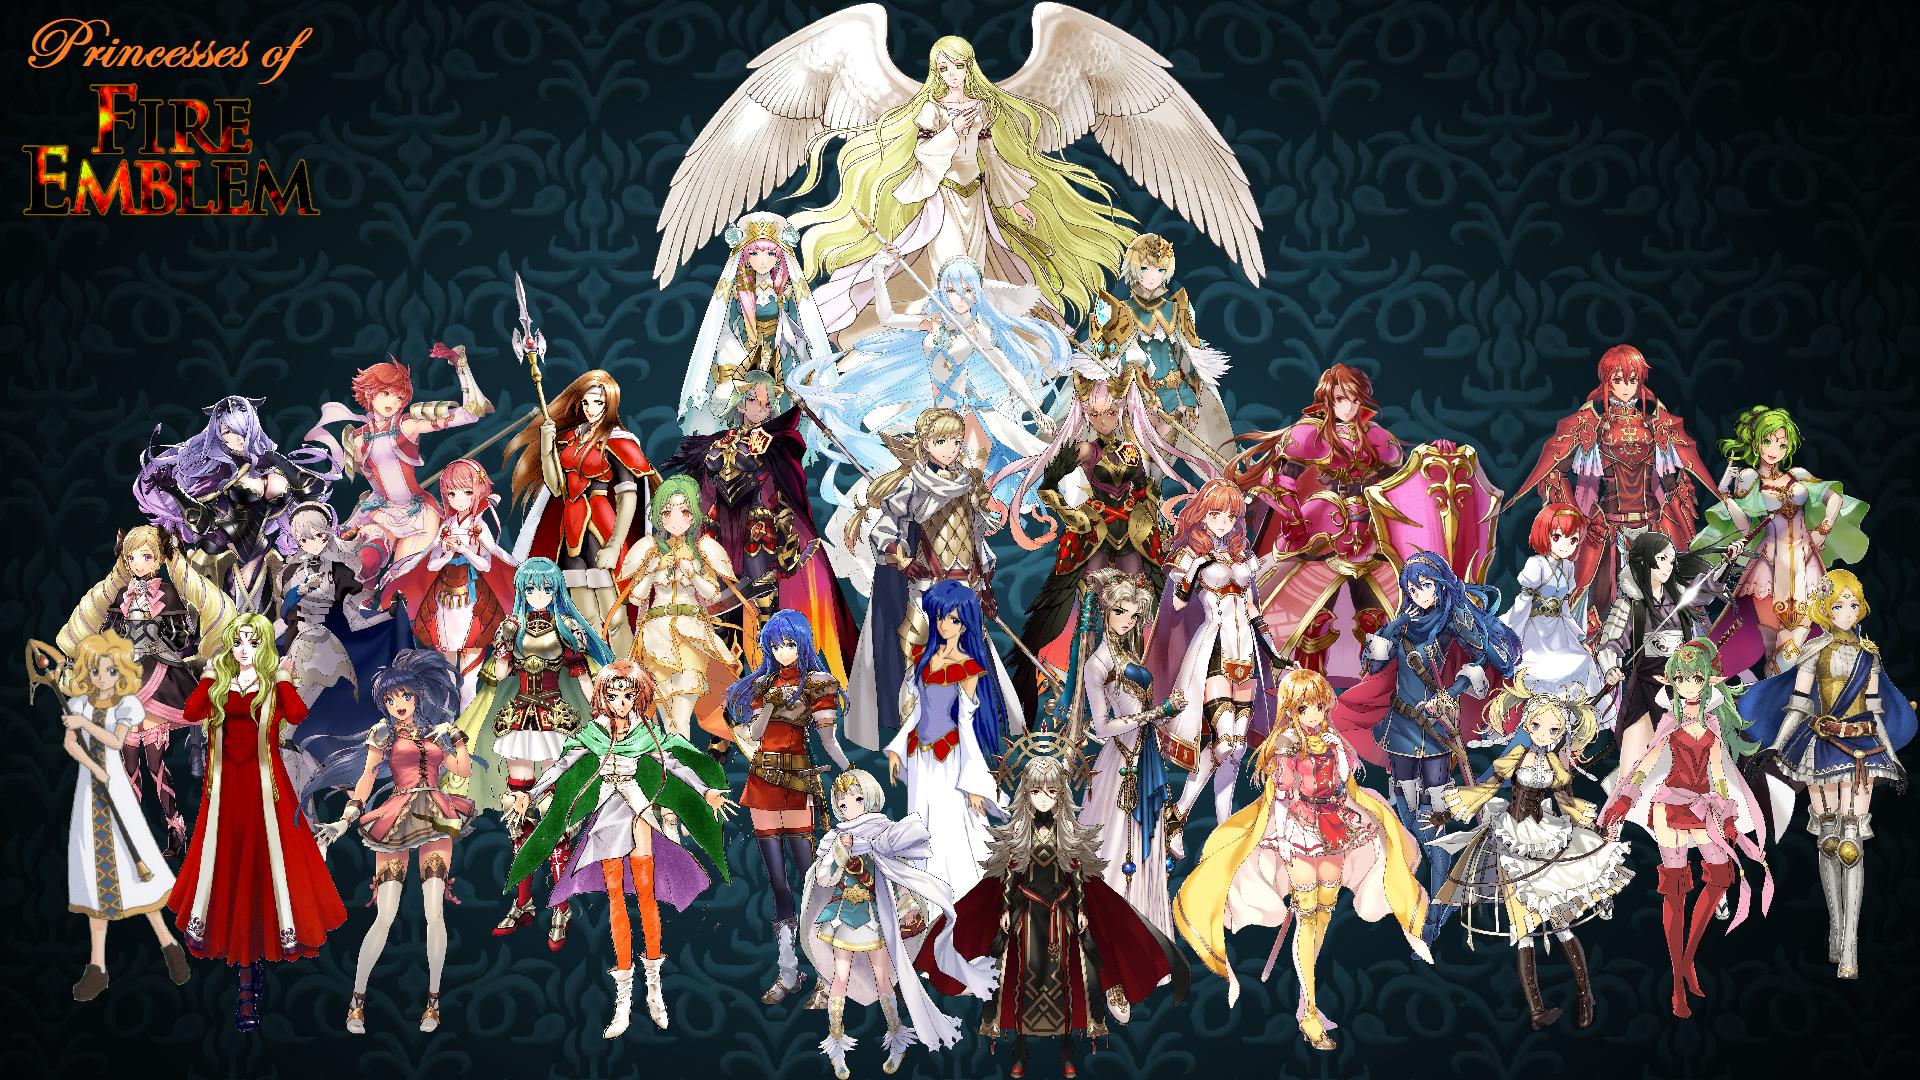 Princesses of fuego Emblem